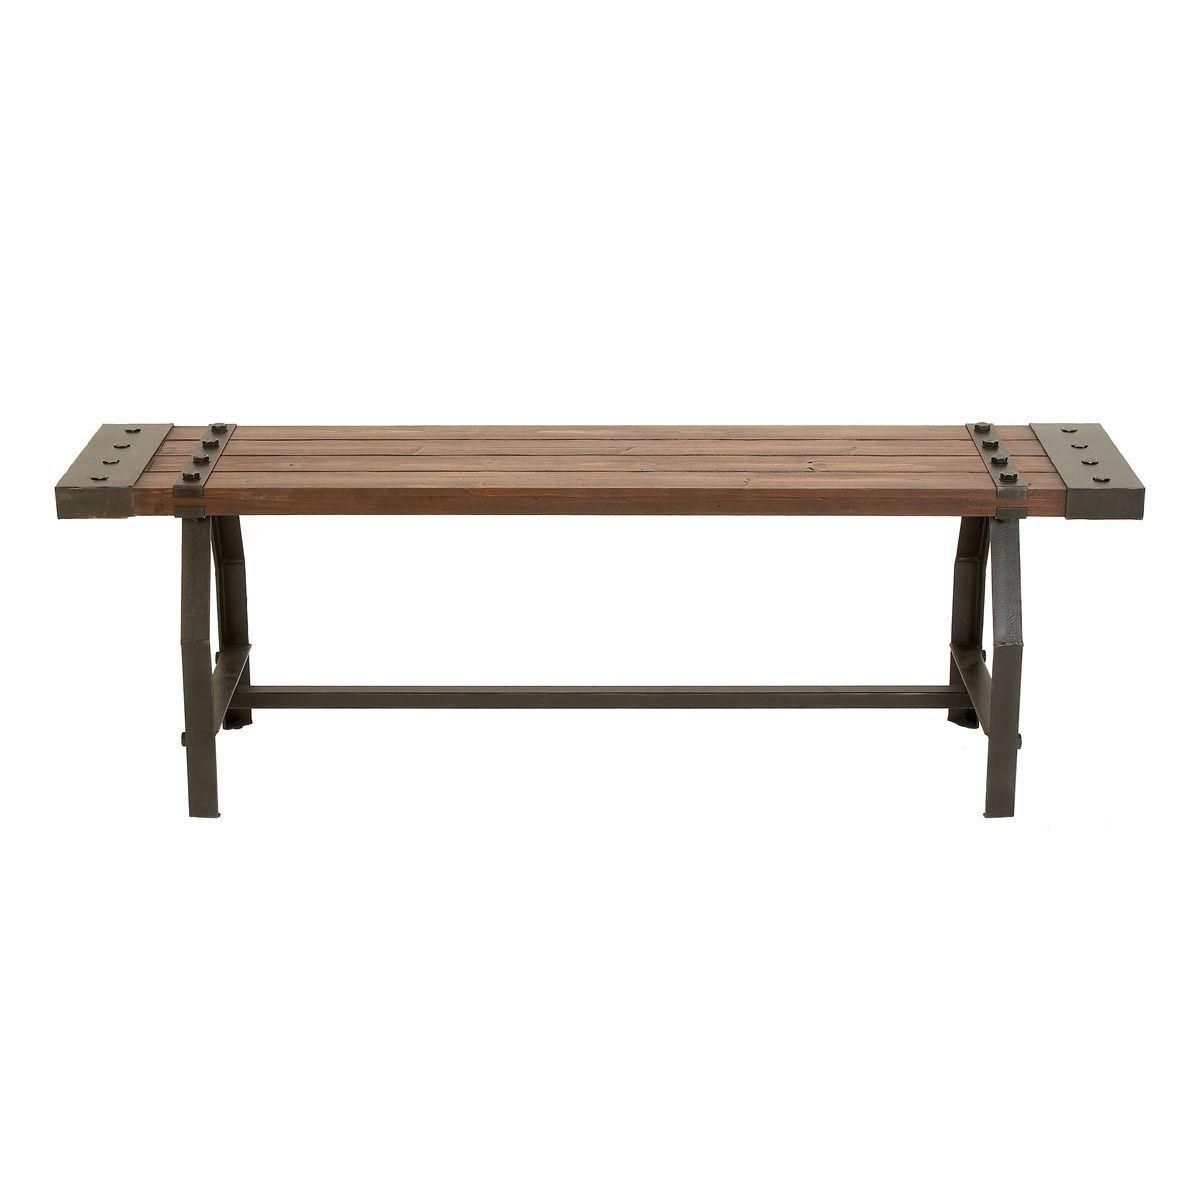 Studio Rustic Industrialinspired Wood Bench Brown Iron